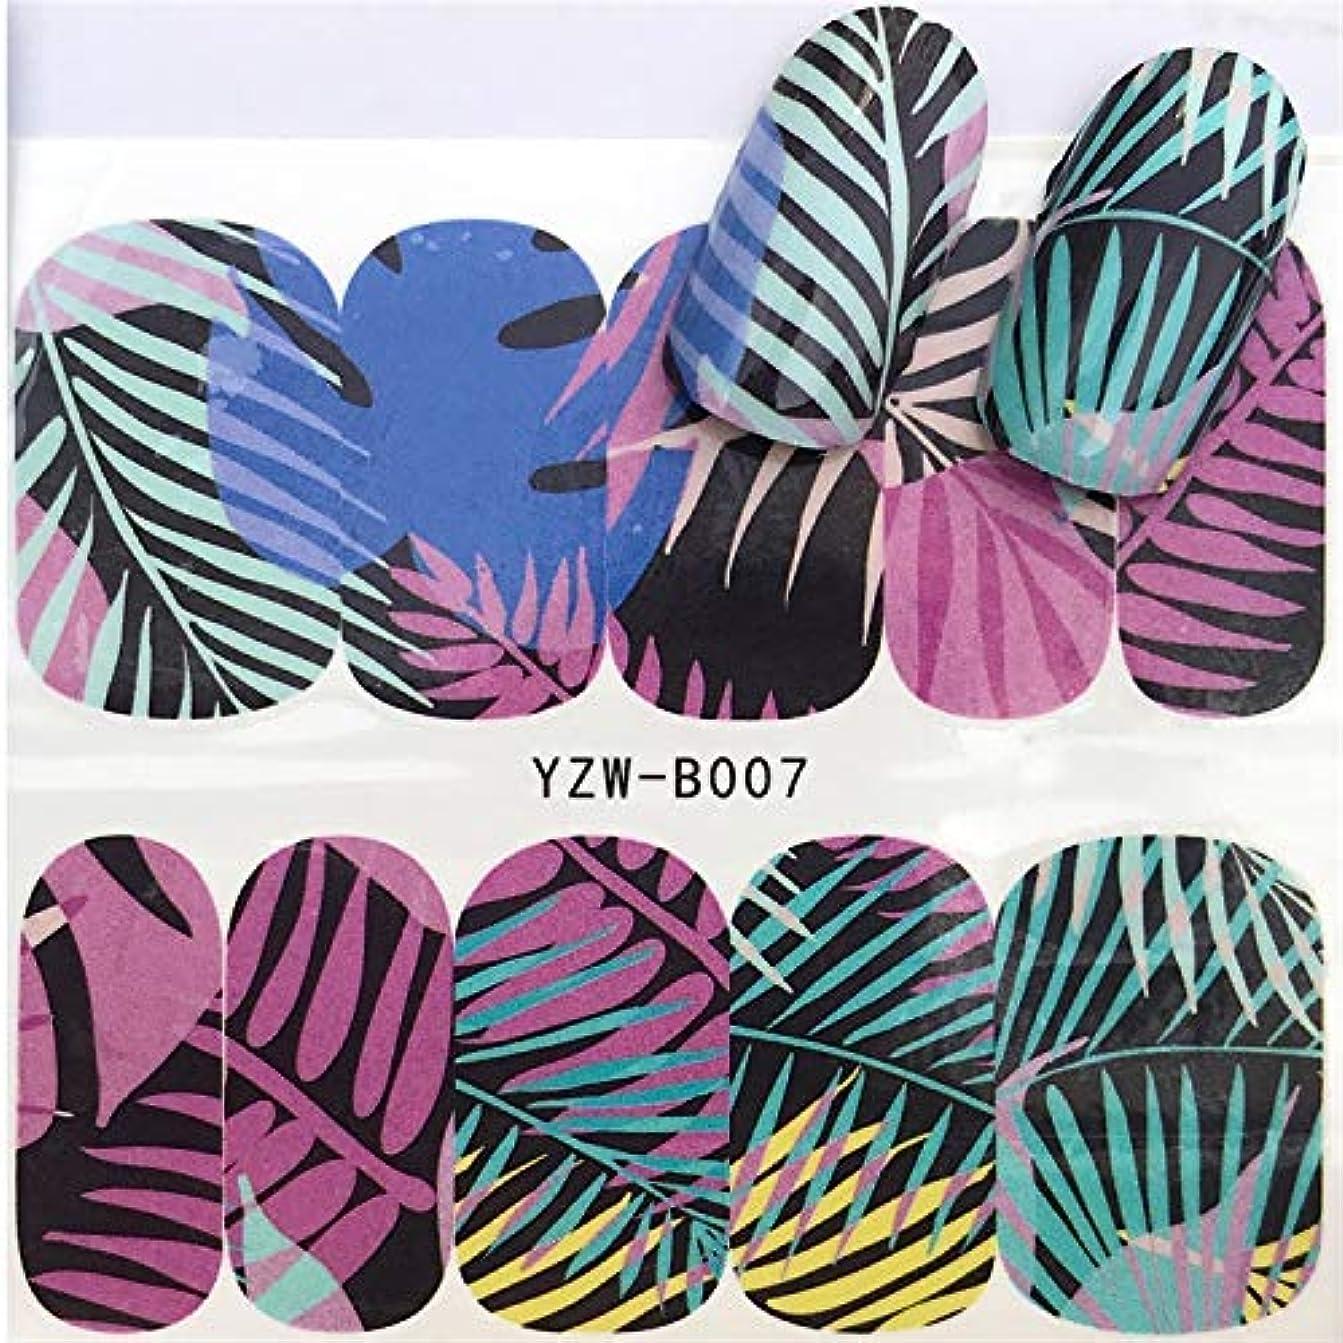 刺繍首相利用可能手足ビューティーケア 3個ネイルステッカーセットデカール水転写スライダーネイルアートデコレーション、色:YZWB007